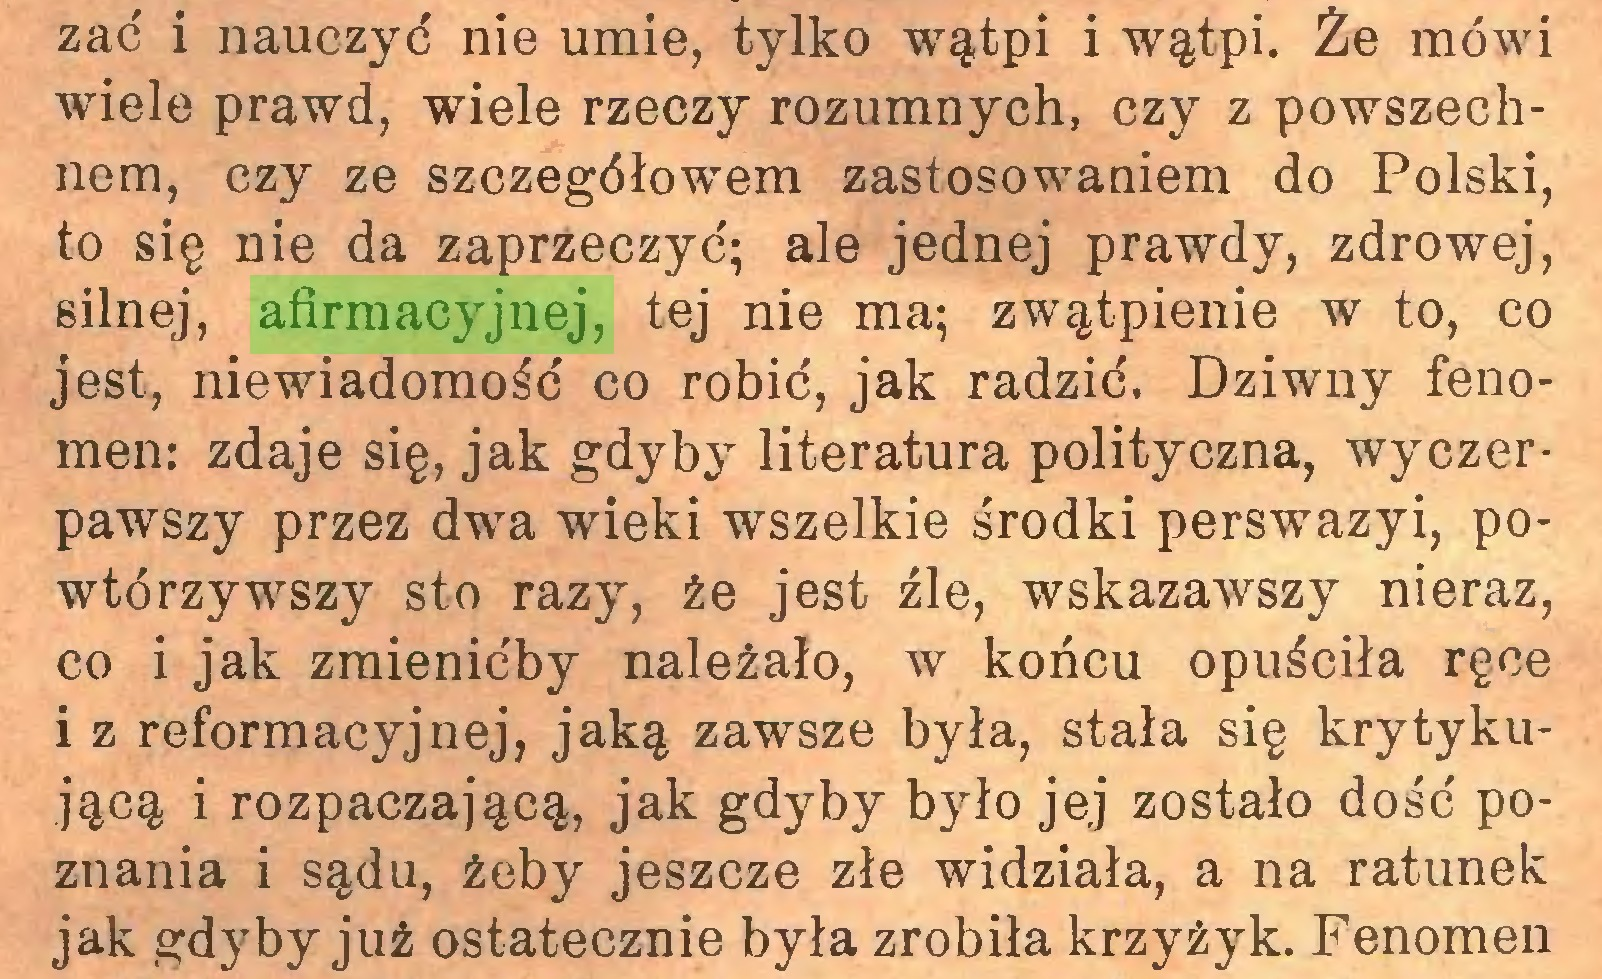 (...) zać i nauczyć nie umie, tylko wątpi i wątpi. Że mówi wiele prawd, wiele rzeczy rozumnych, czy z powszechnem, czy ze szczegółowem zastosowaniem do Polski, to się nie da zaprzeczyć; ale jednej prawdy, zdrowej, silnej, afirmacyjnej, tej nie ma; zwątpienie w to, co jest, niewiadomość co robić, jak radzić. Dziwny fenomen: zdaje się, jak gdyby literatura polityczna, wyczerpawszy przez dwa wieki wszelkie środki perswazyi, powtórzywszy sto razy, że jest źle, wskazawszy nieraz, co i jak zmienićby należało, w końcu opuściła ręce i z reformacyjnej, jaką zawsze była, stała się krytykującą i rozpaczającą, jak gdyby było jej zostało dość poznania i sądu, żeby jeszcze złe widziała, a na ratunek jak gdyby już ostatecznie była zrobiła krzyżyk. Fenomen...